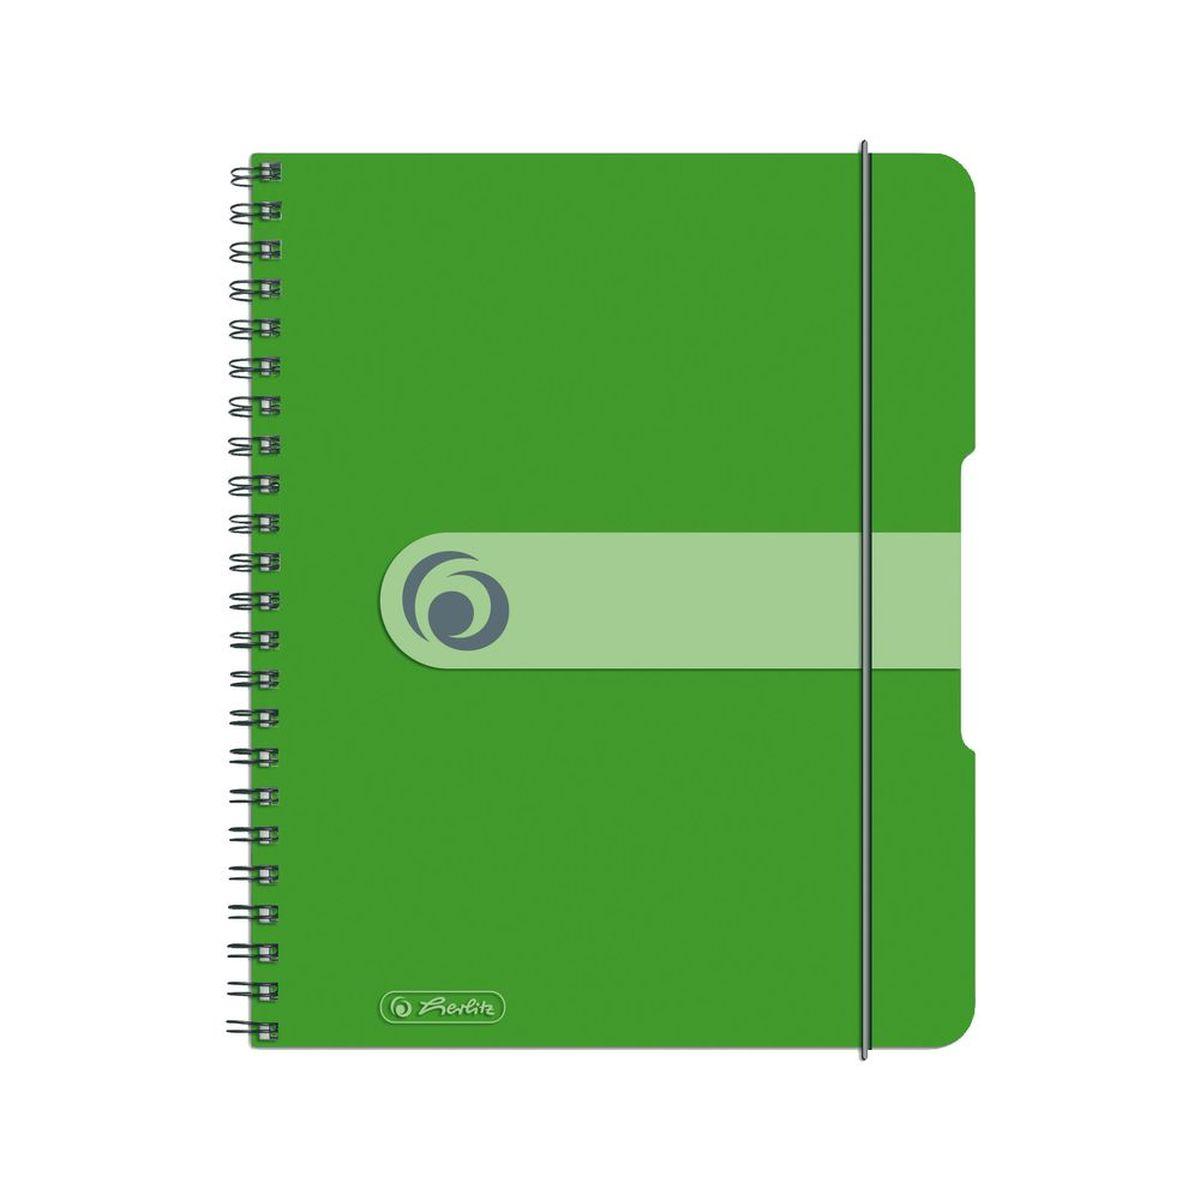 Herlitz Блокнот Easy Orga To Go 80 листов в клетку формат А5 цвет зеленый блокнот серия natural формат а5 140 стр темно бордовый в клетку